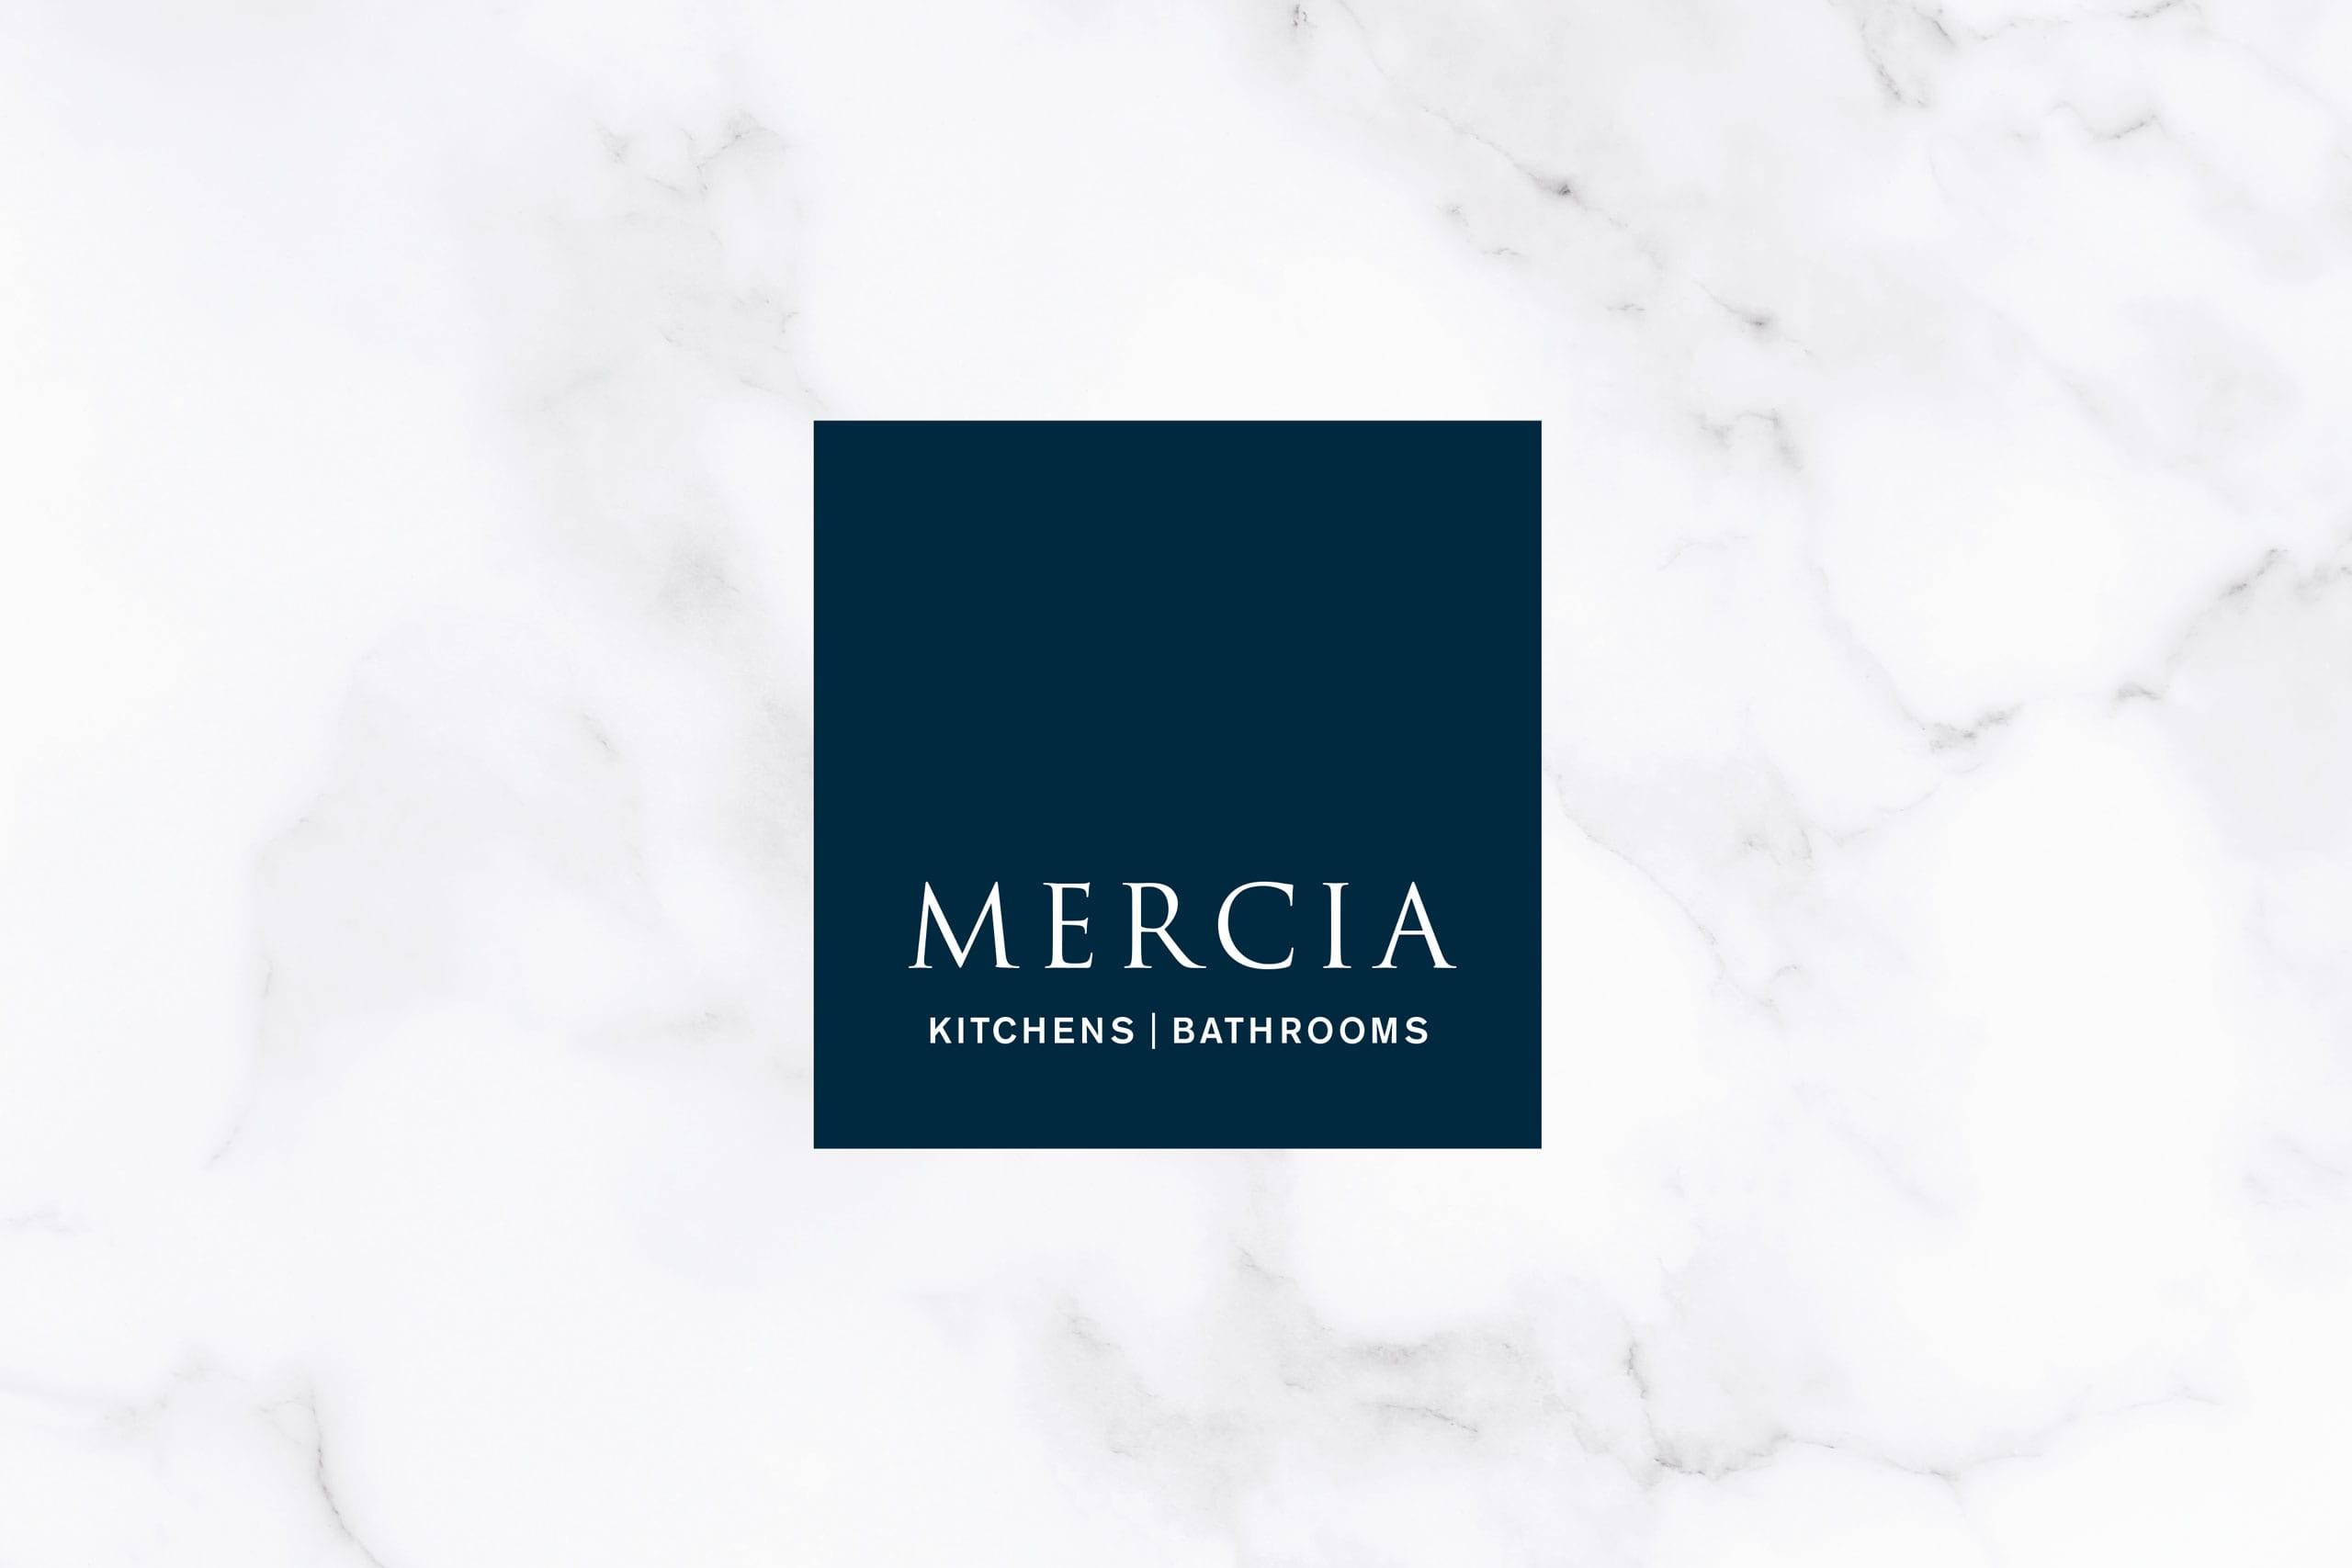 Mercia brand ID